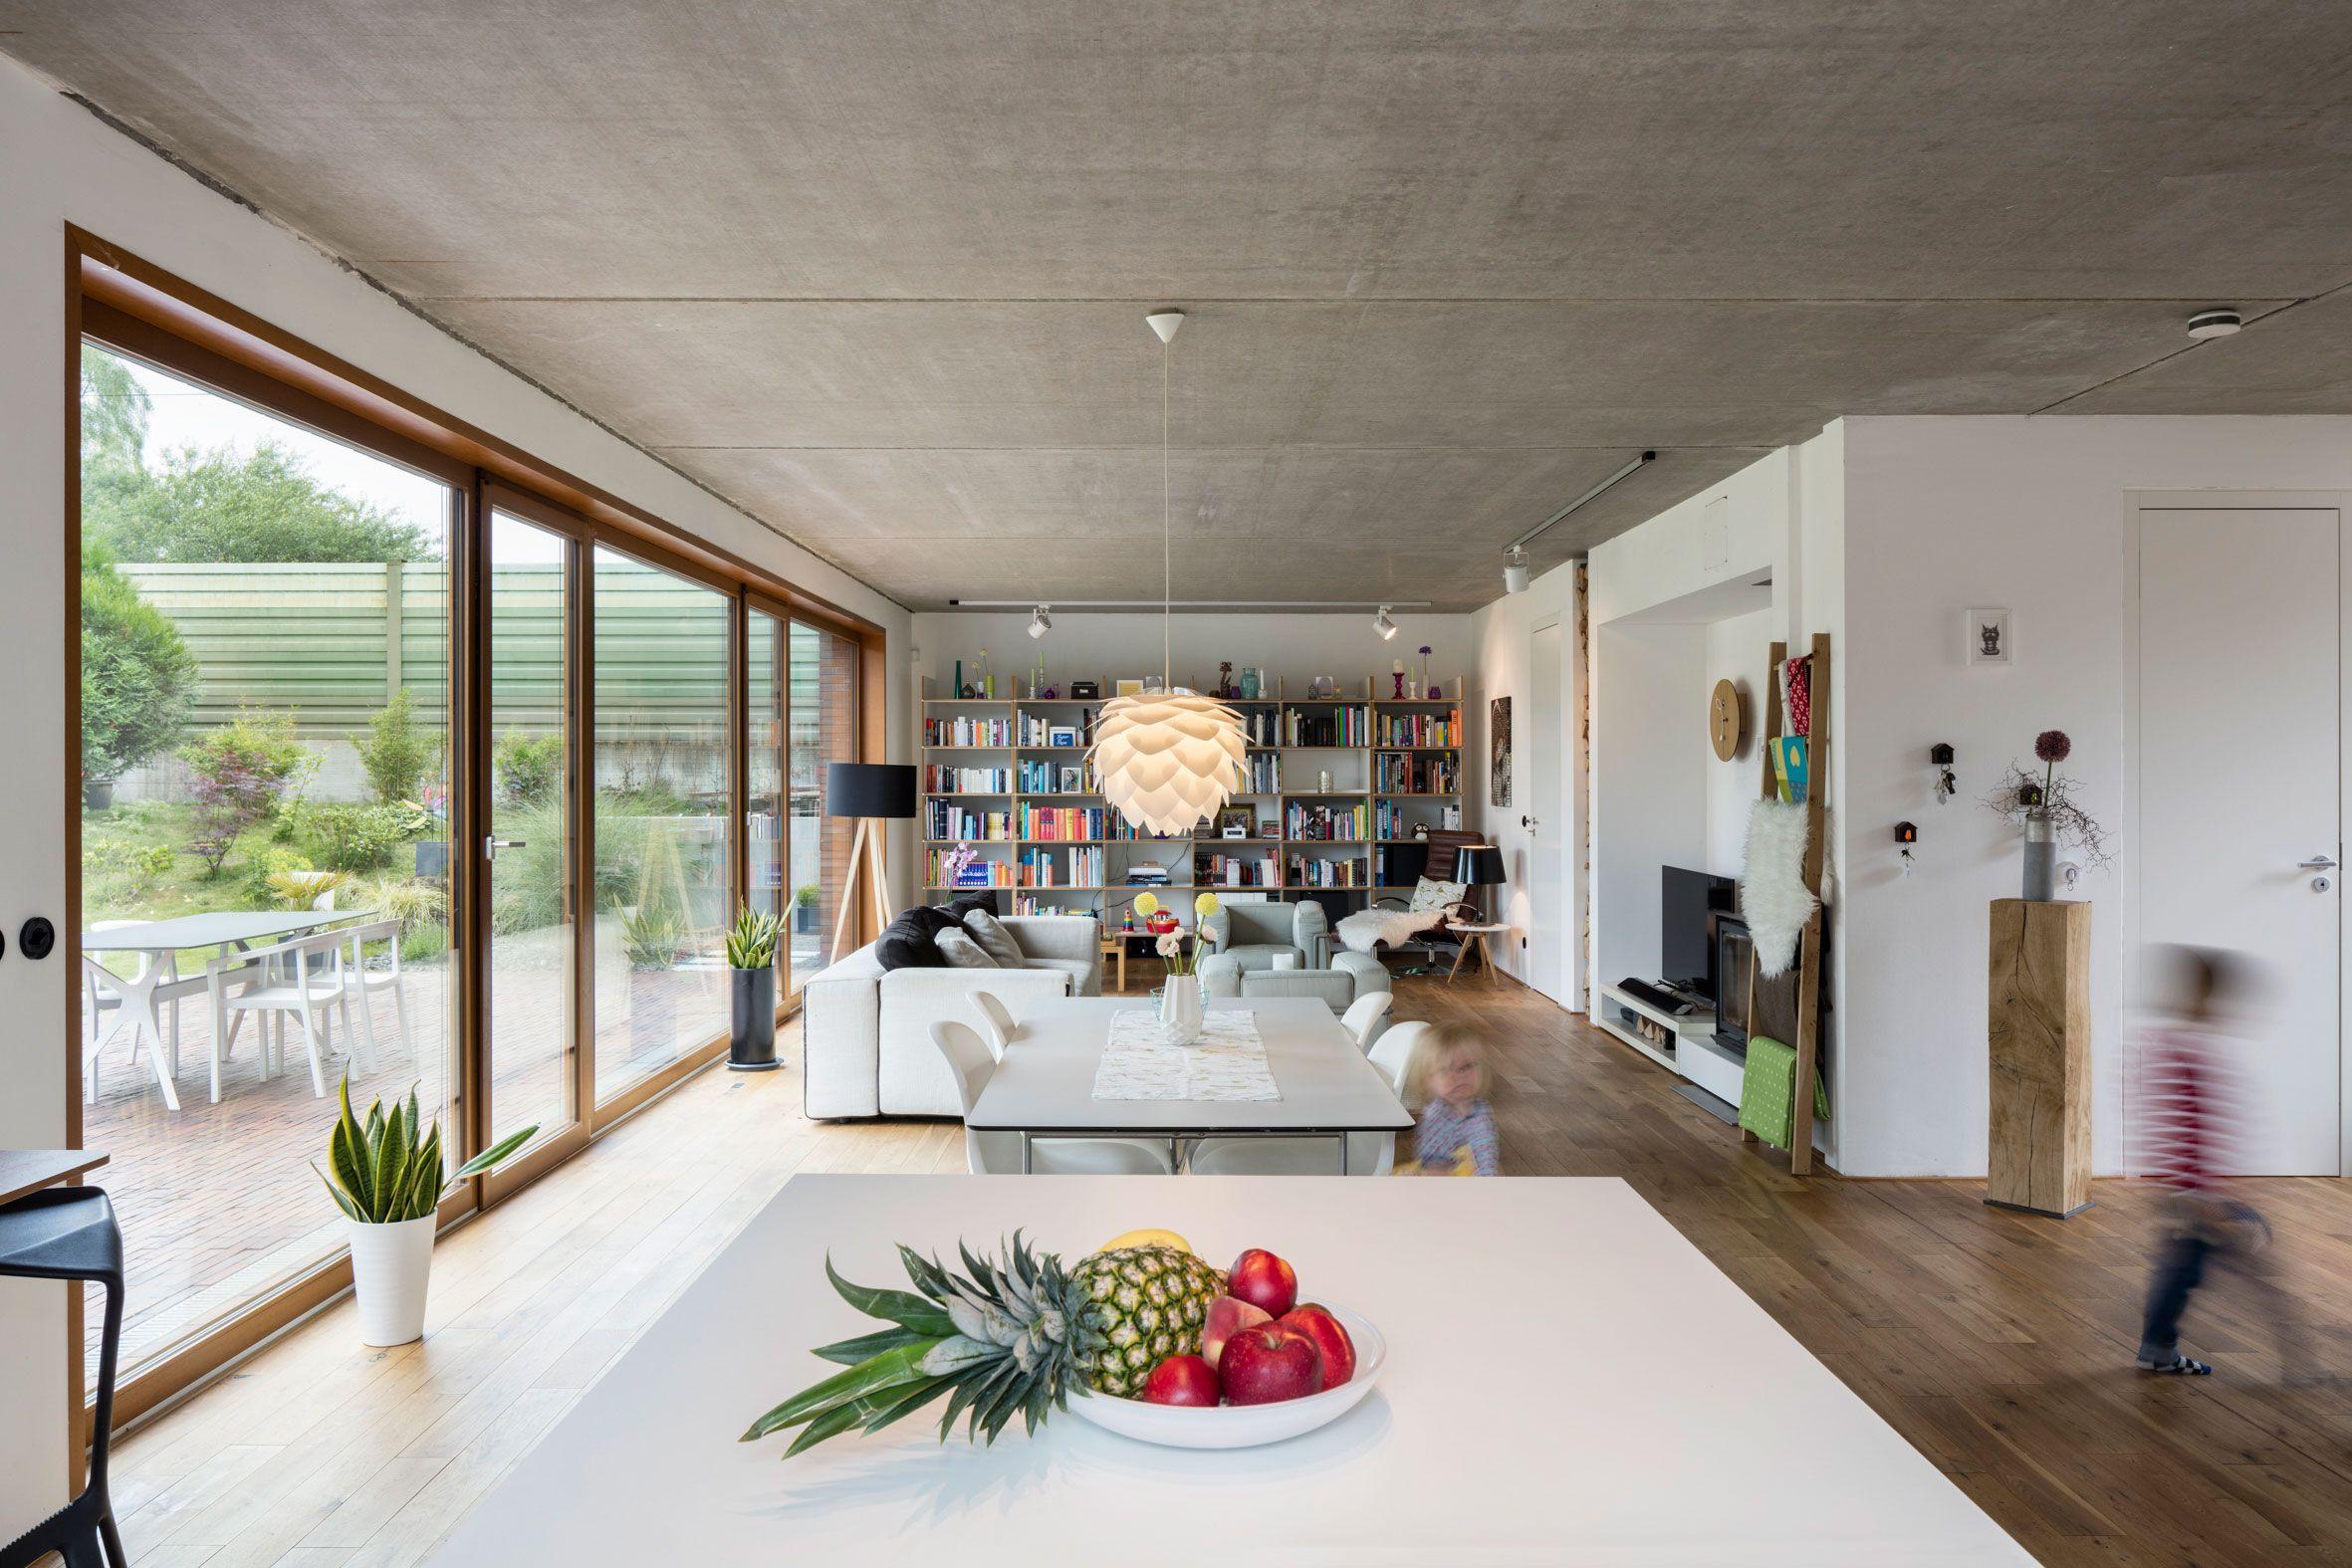 Kochen Essen Wohnen dachfenster einbauen mehr licht ins haus holen interiors and house